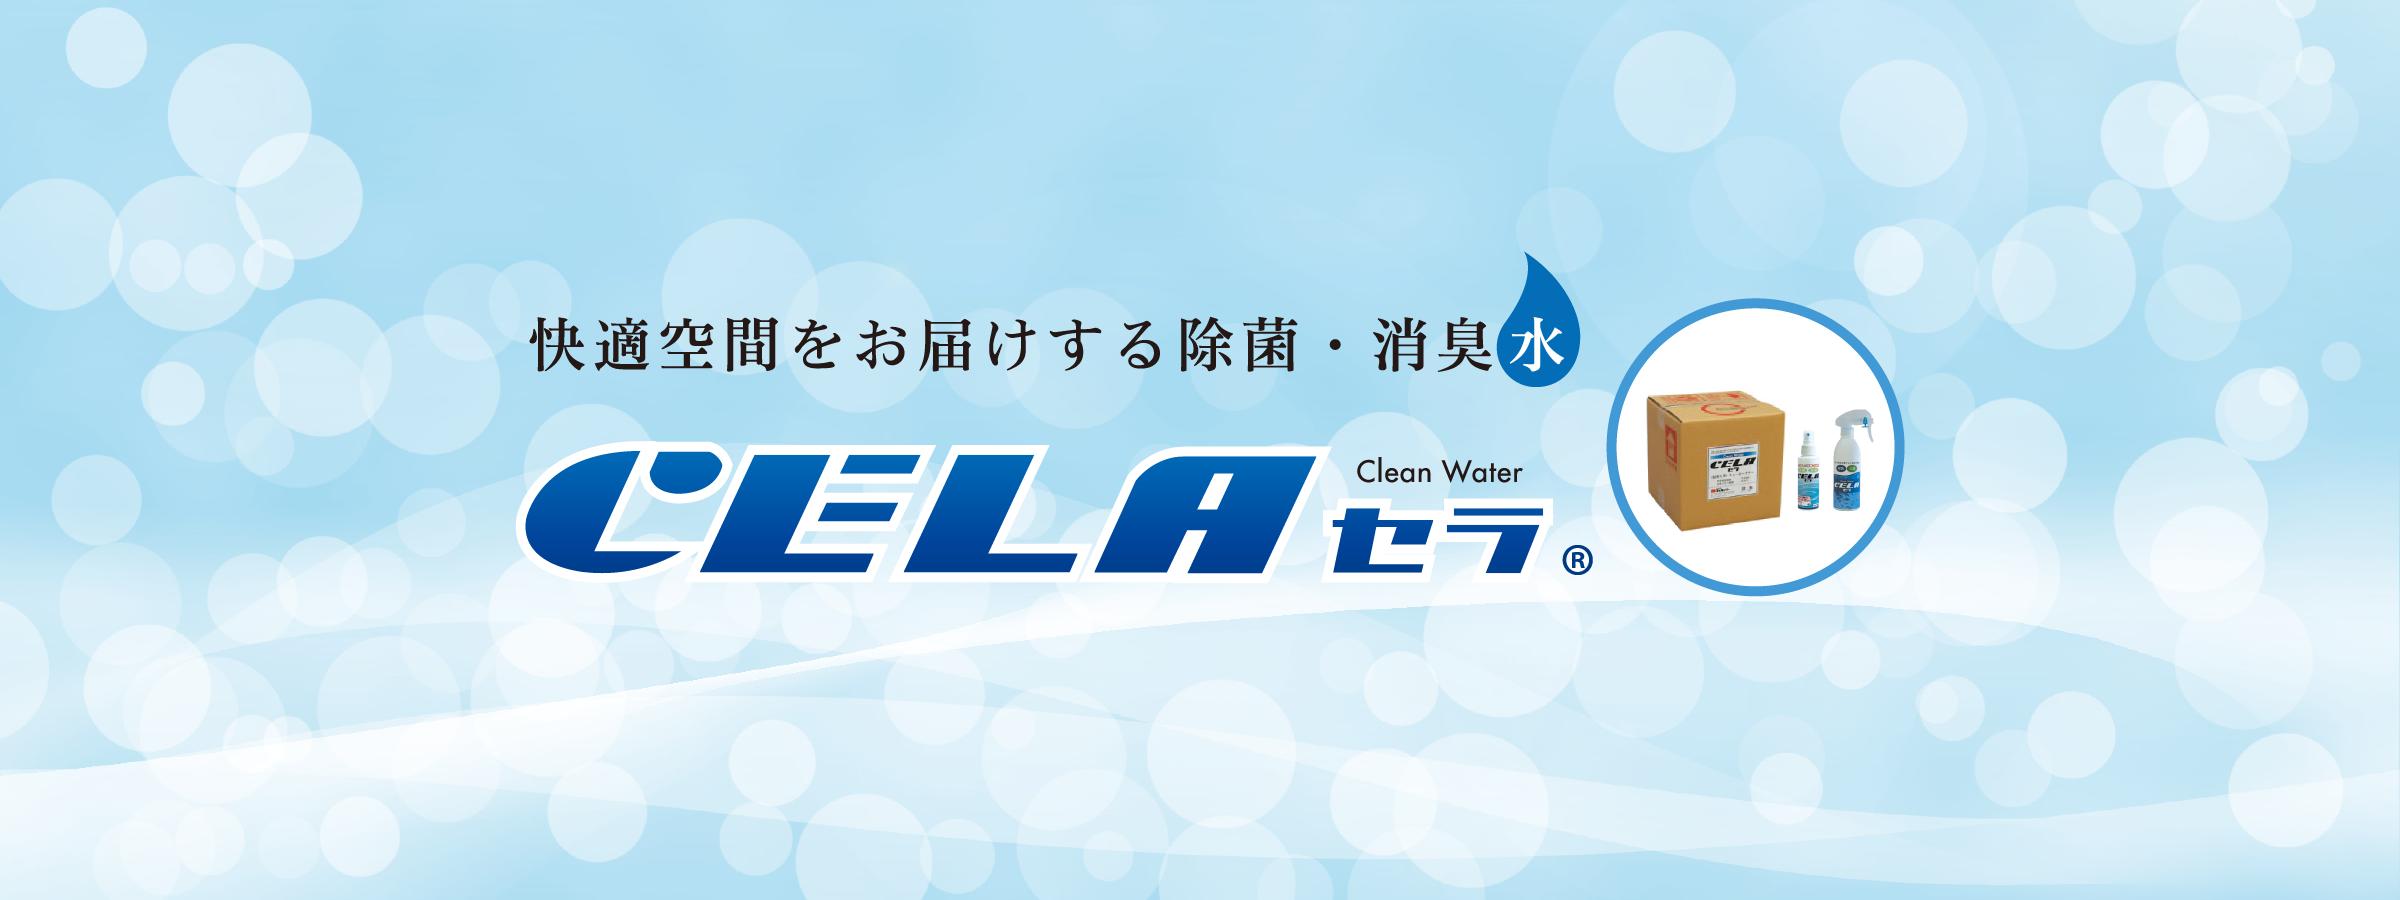 快適空間をお届けする除菌・消臭水 CELA(セラ)®︎